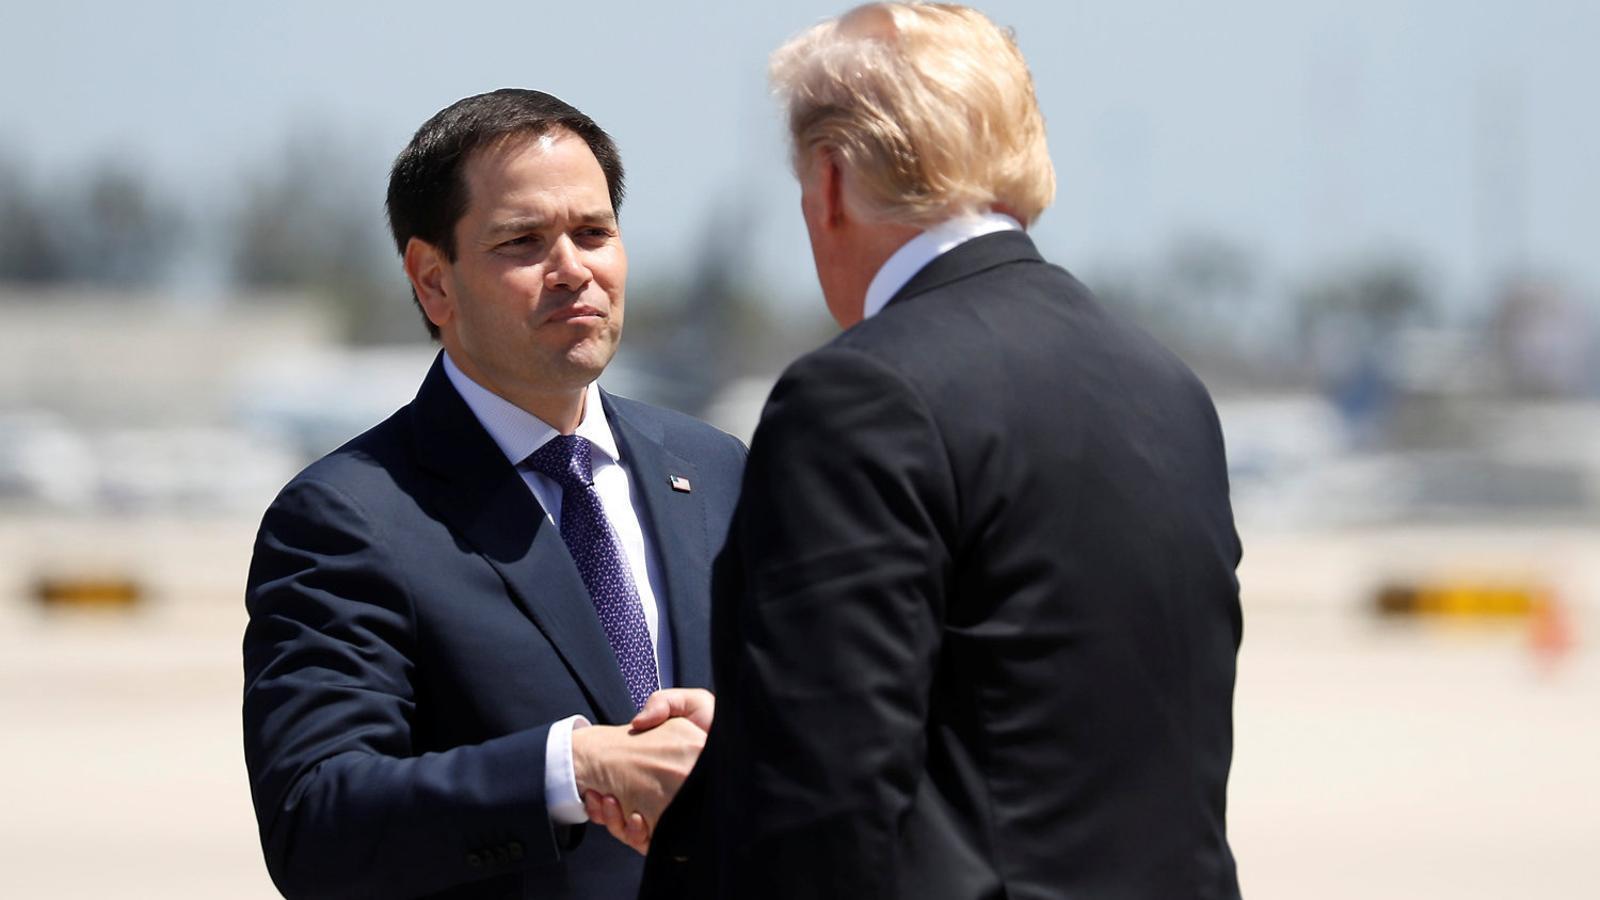 La reunió de la Casa Blanca en què, un dia abans, es va forjar el suport a Guaidó